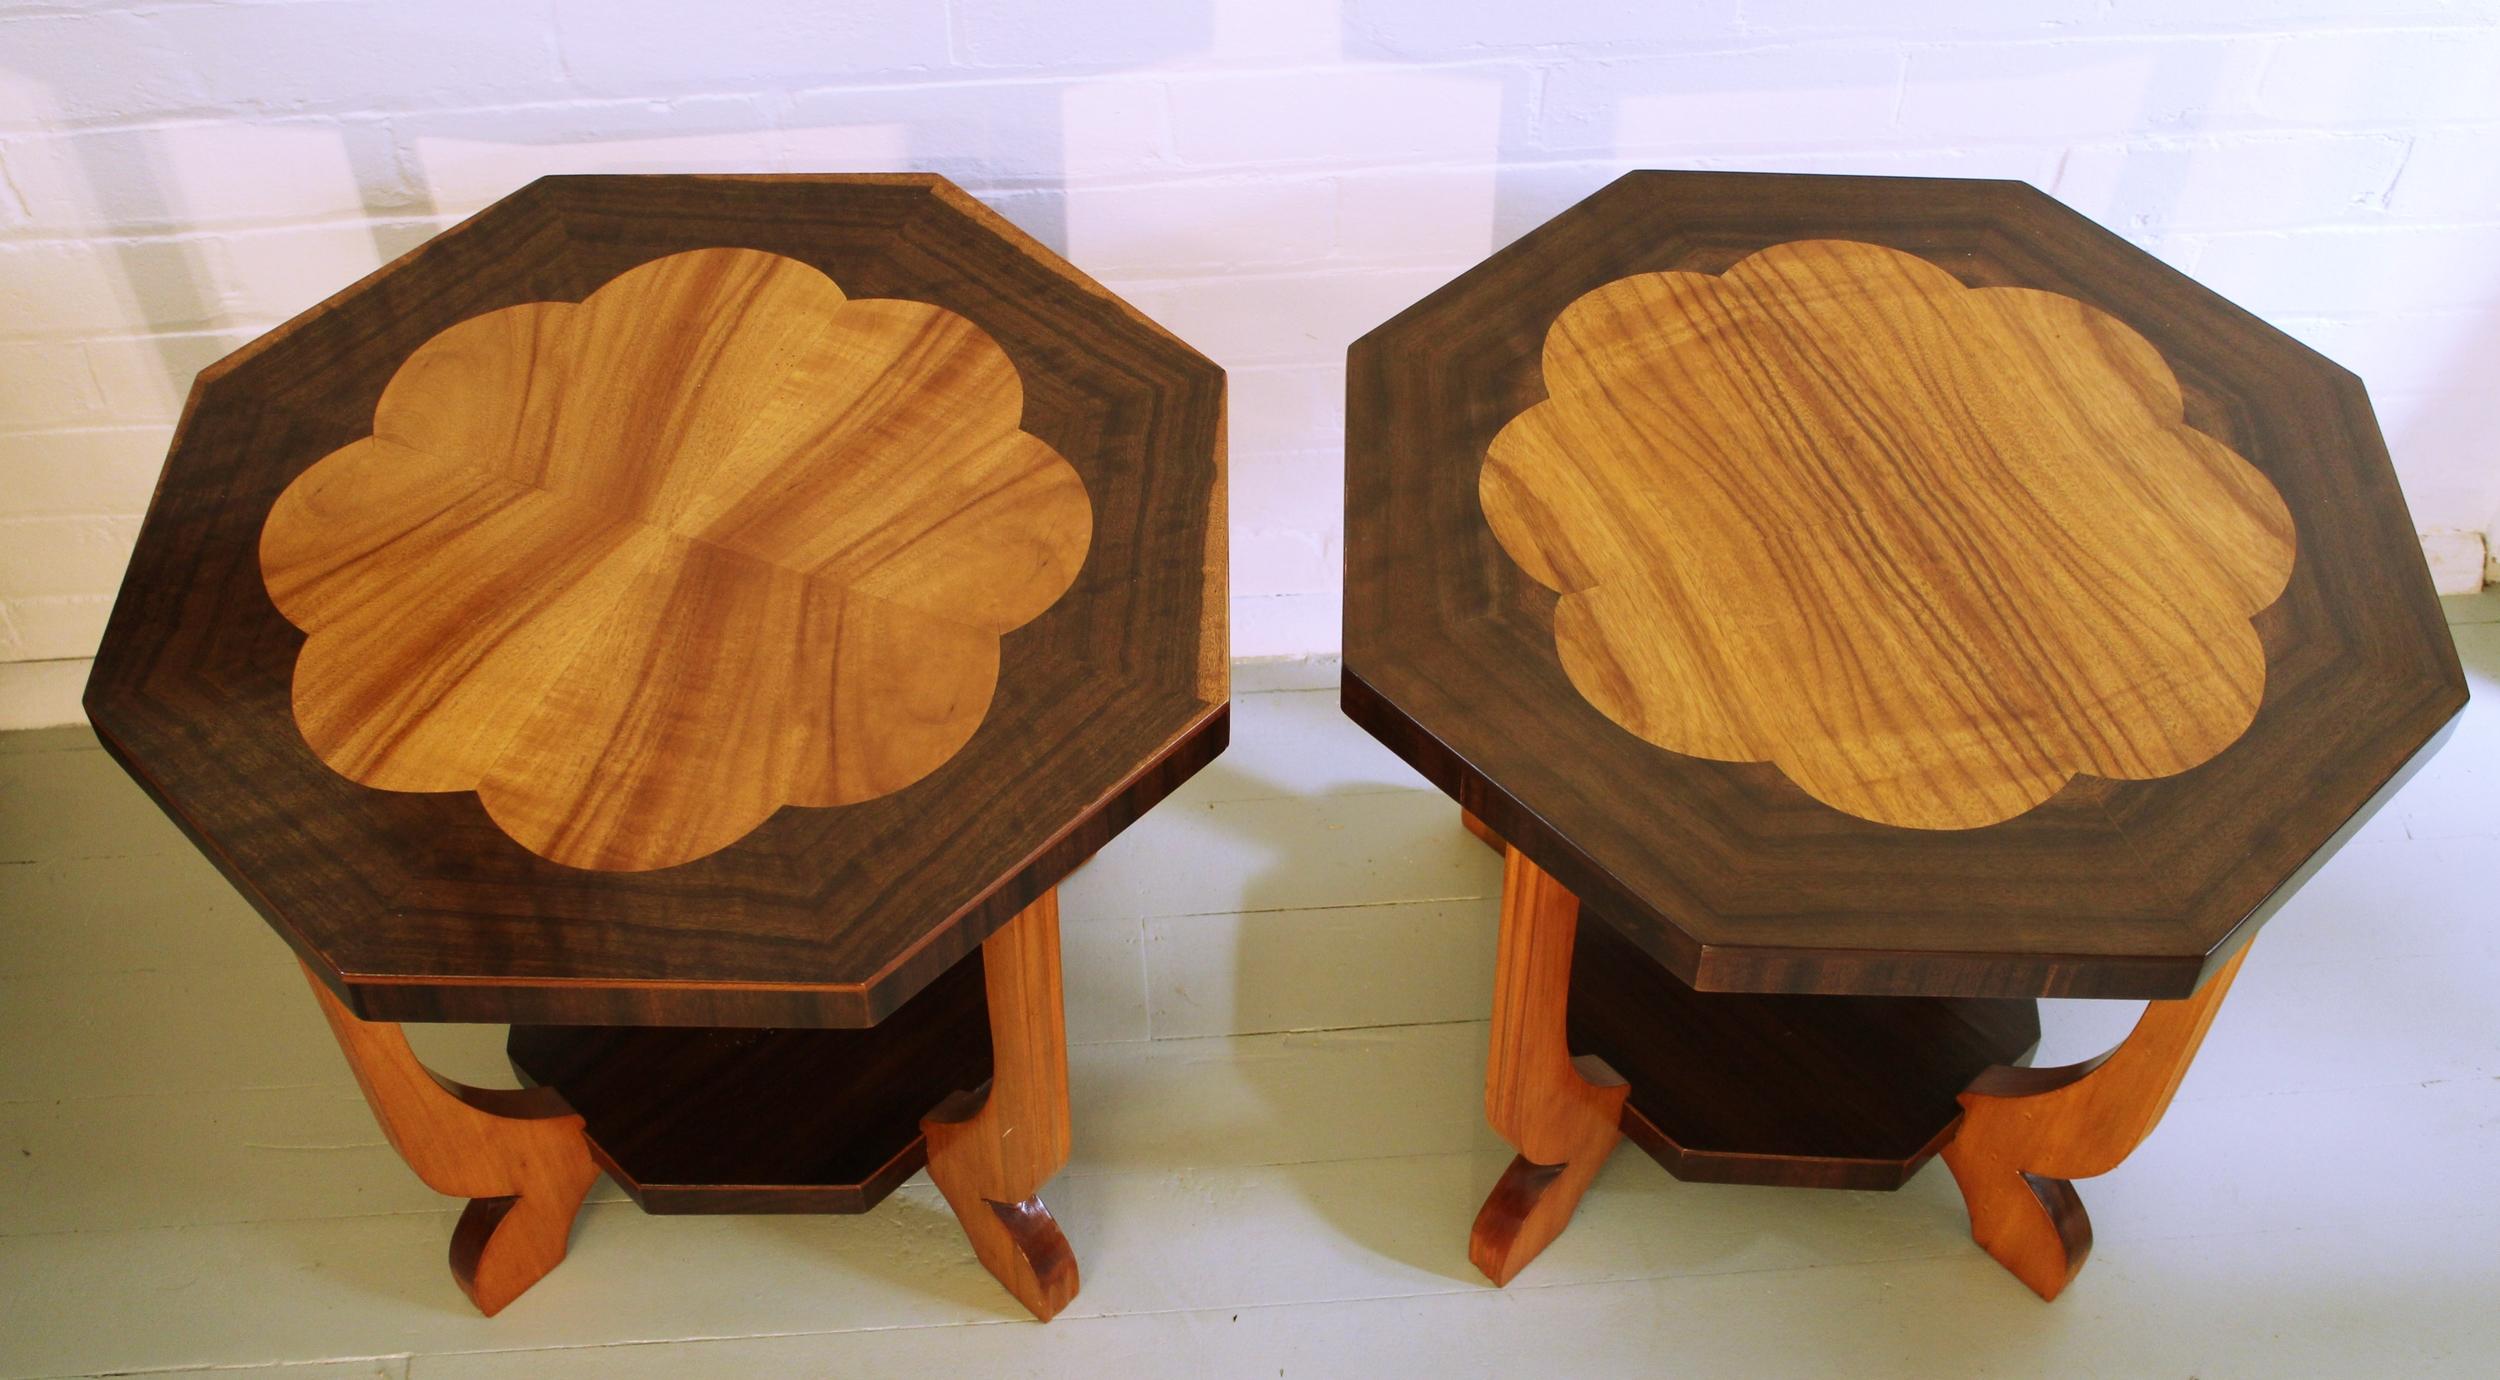 art deco table polish.jpg